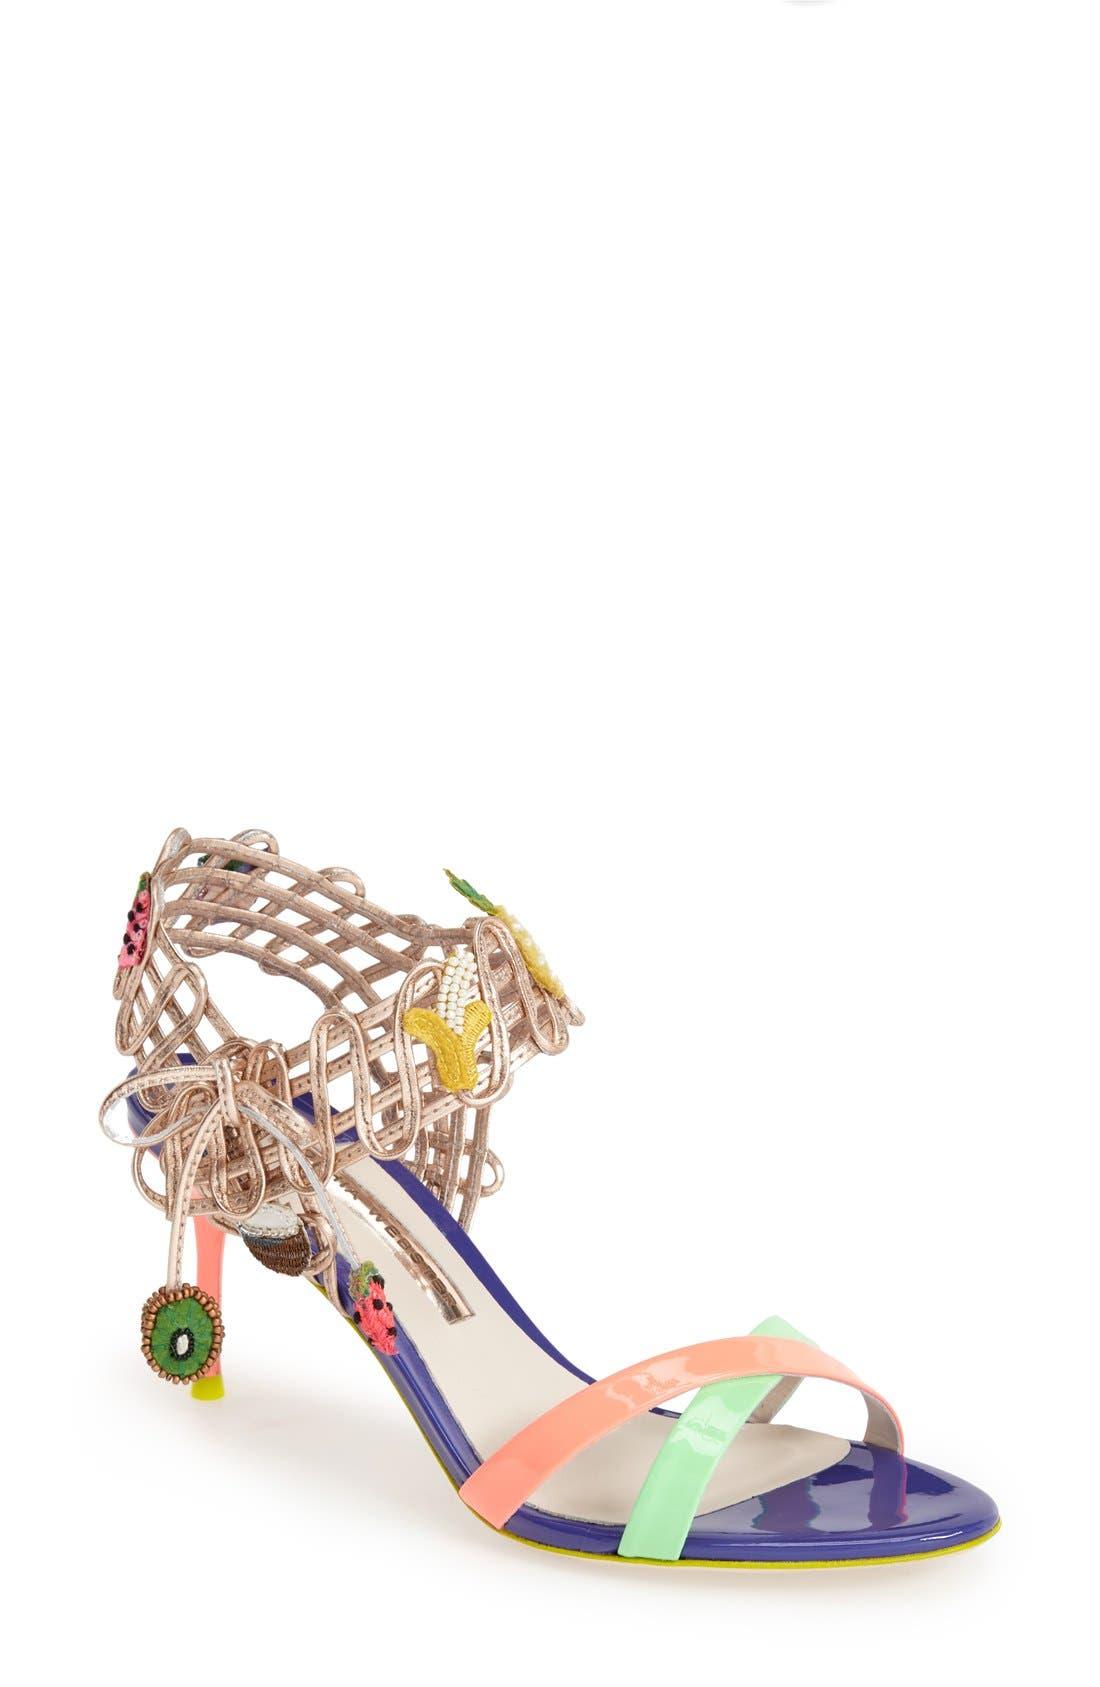 Main Image - Sophia Webster 'Delphine Fruit' Sandal (Women)